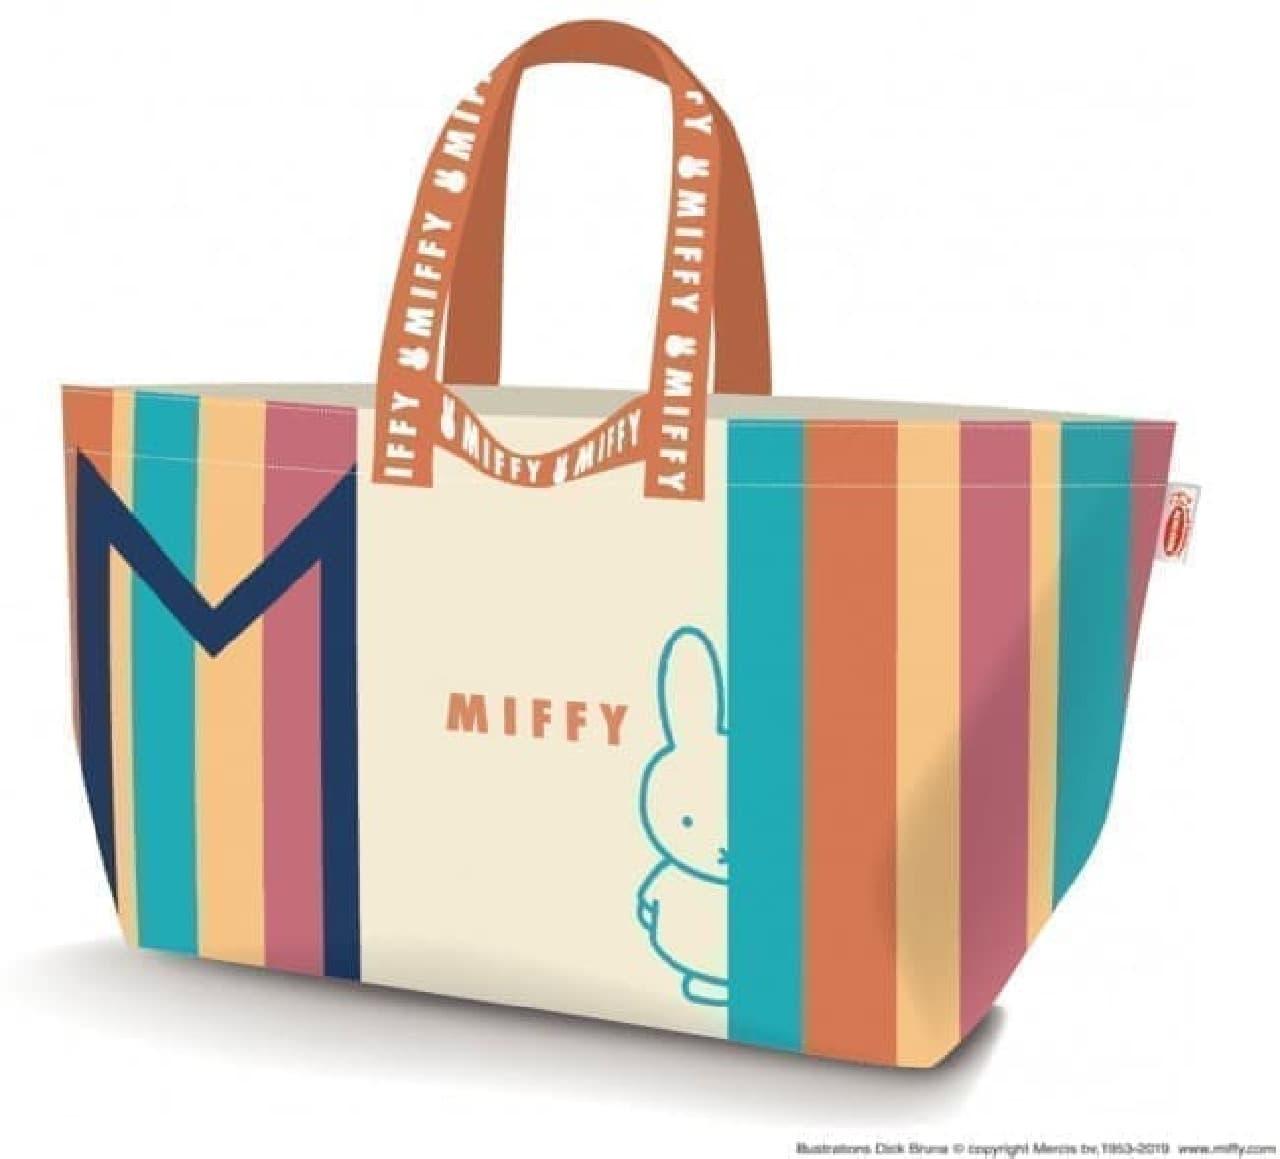 ミッフィーのバッグを必ずもらえる♪エースコックがキャンペーン開催